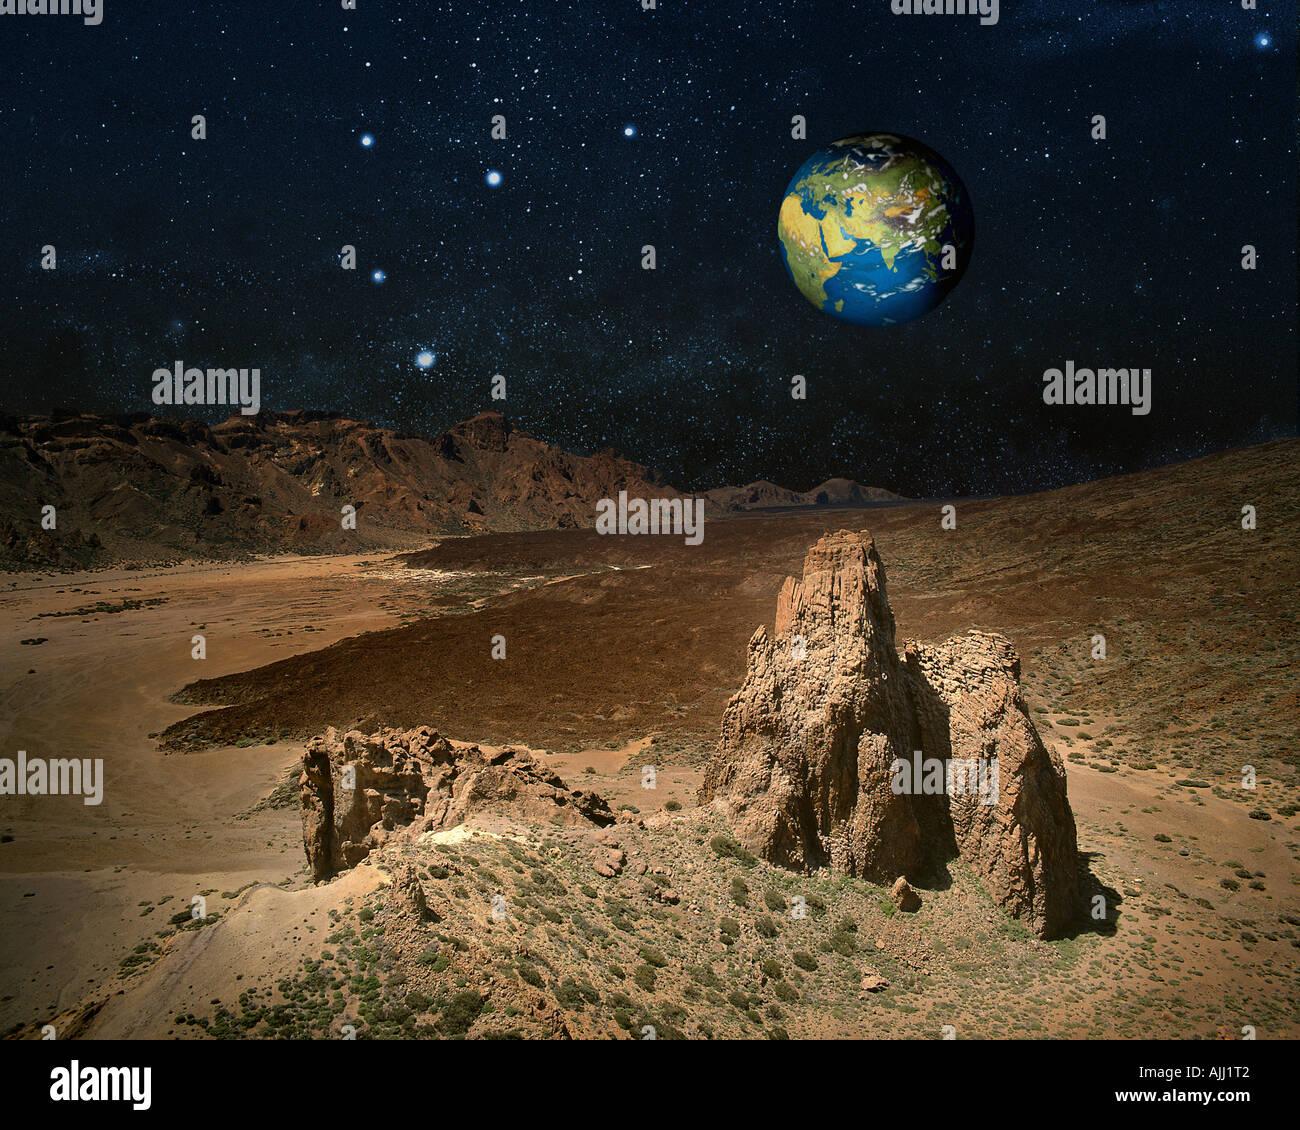 Photographie CONCEPT: Planète Terre depuis l'espace extra-atmosphérique Photo Stock